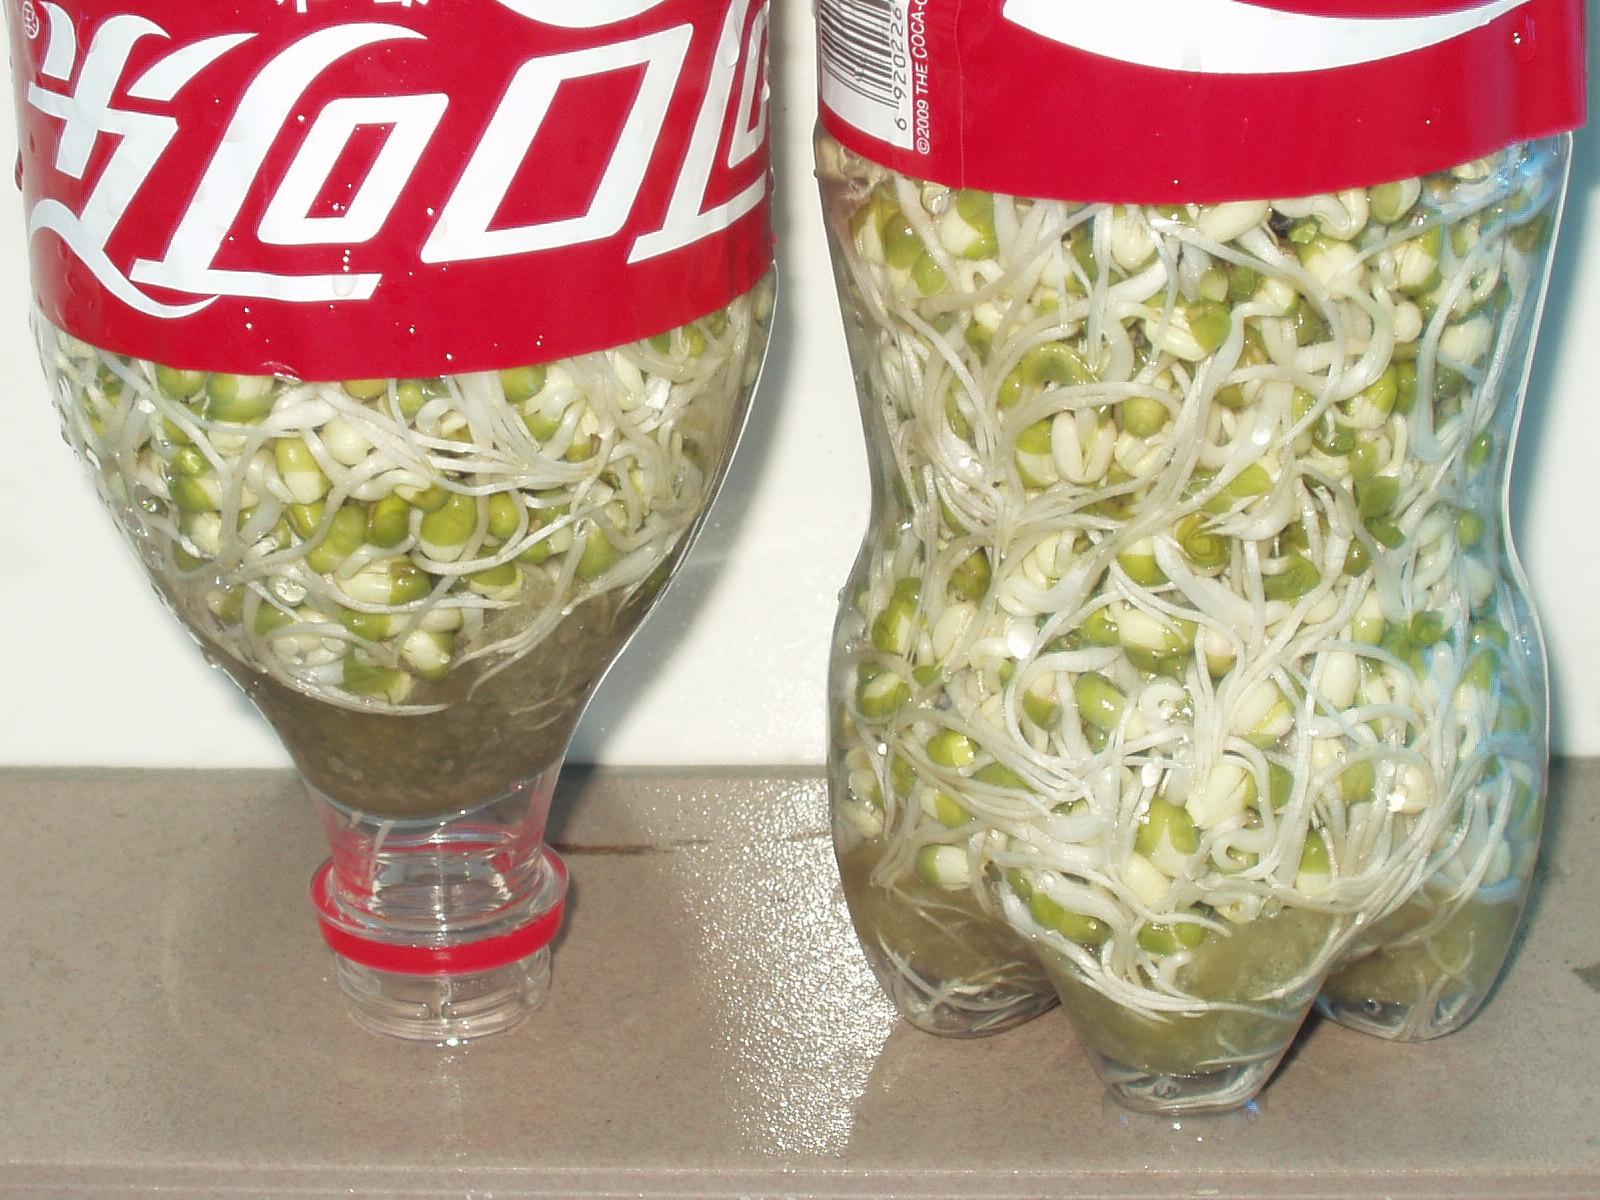 做豆芽就这么简单. 相关图片: 用可乐瓶培养36小时状况 问答: 1.